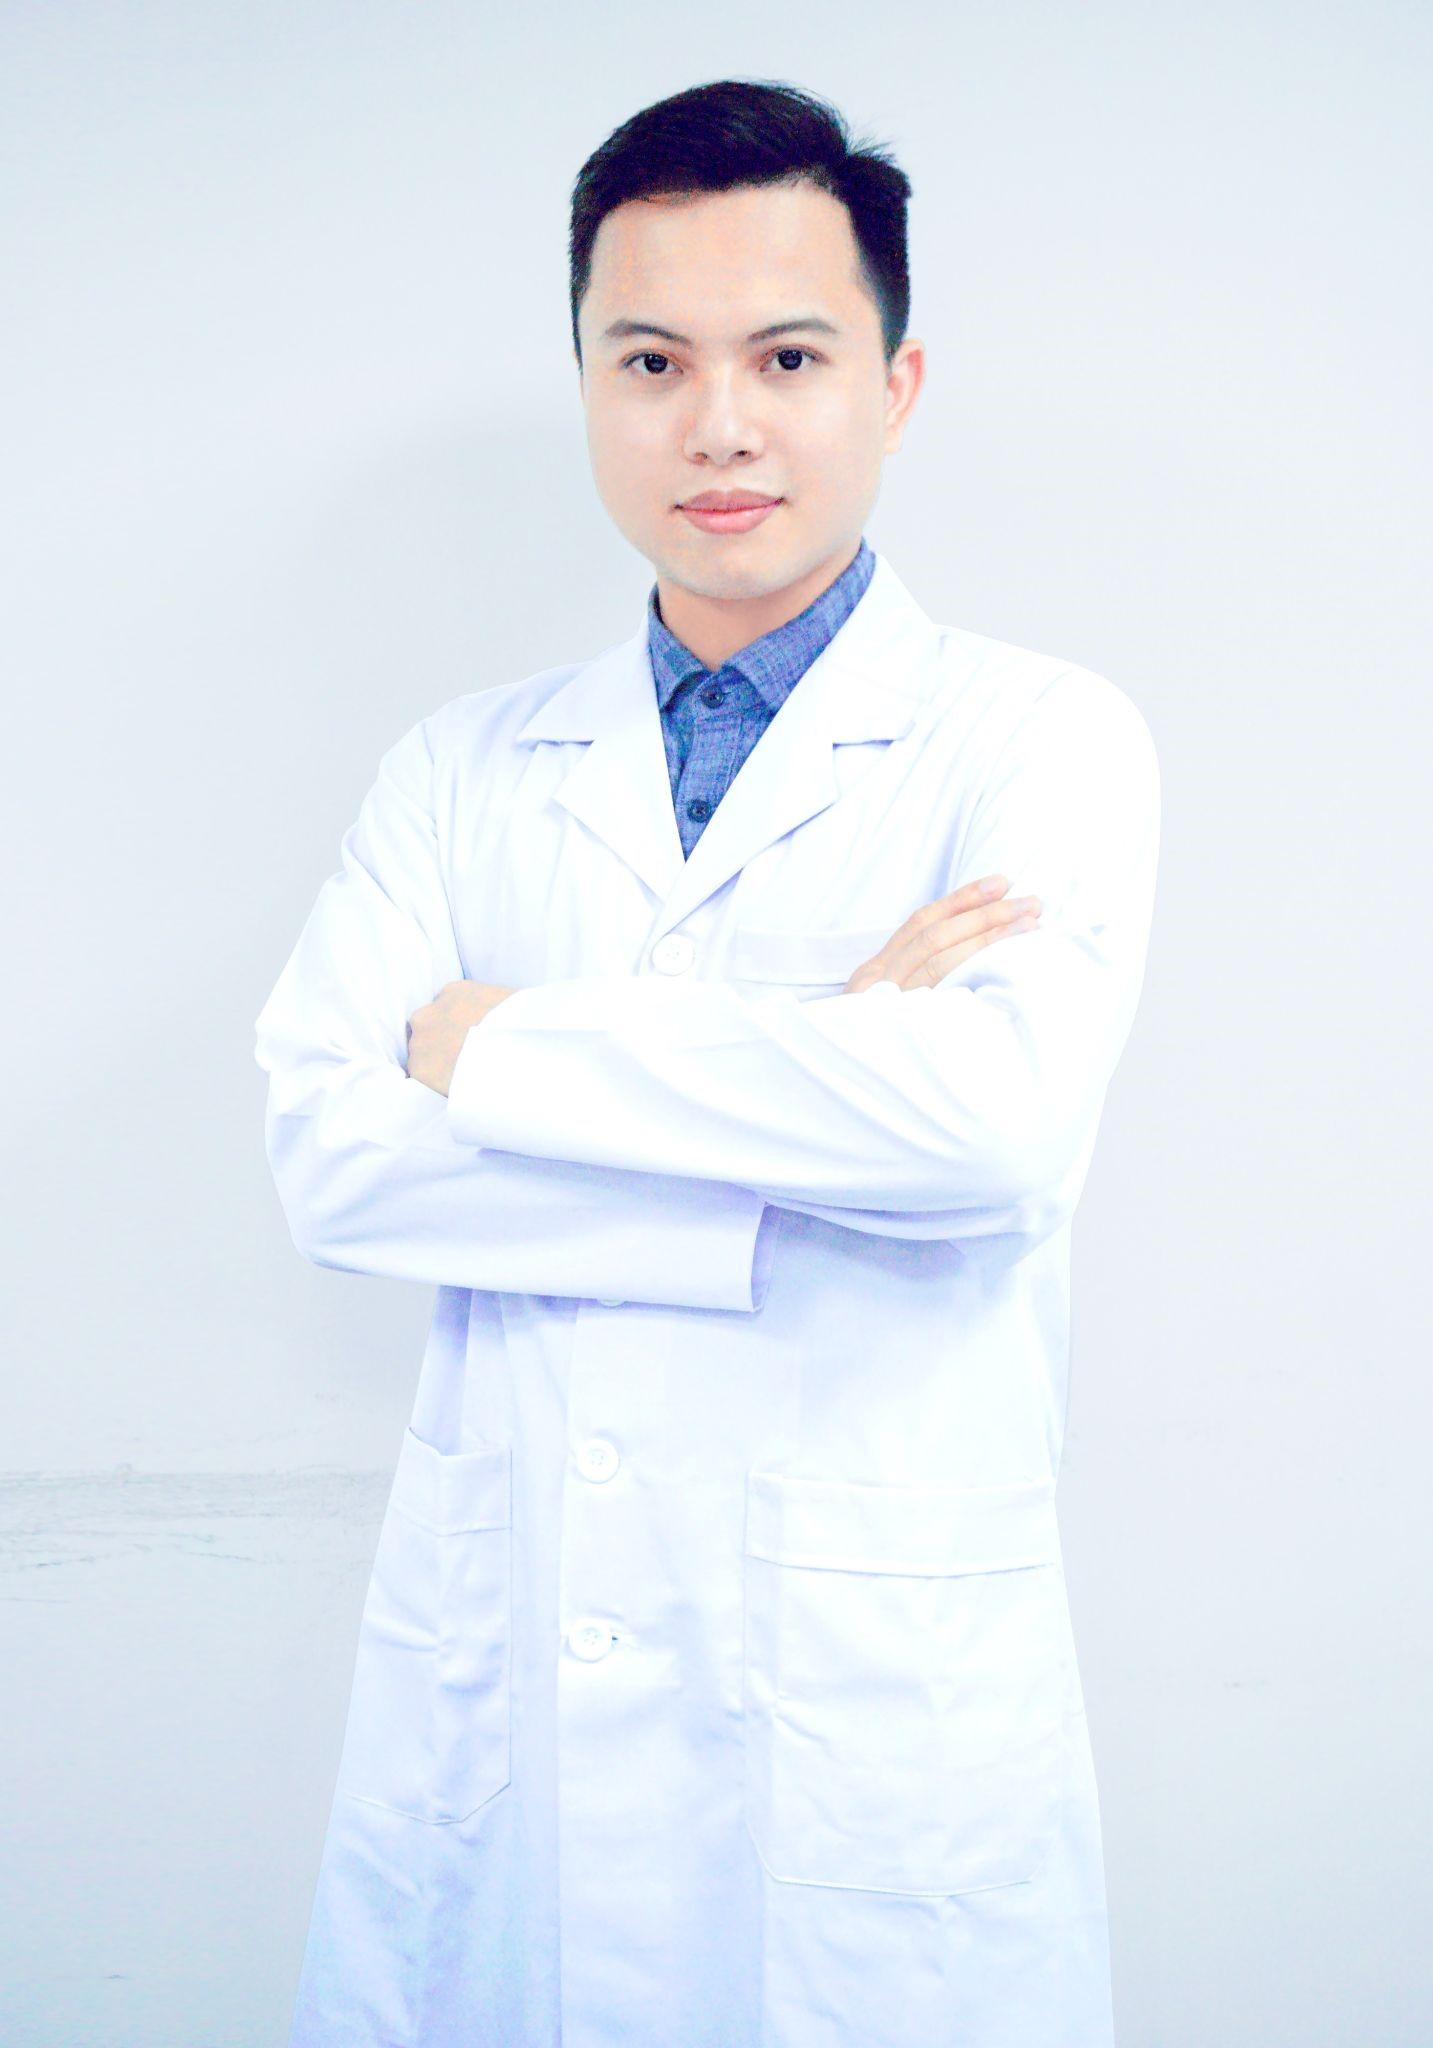 Bác sĩ Da liễu chuyên khoa 1 - Nguyễn Sơn Tùng chia sẻ về Jena Beauty Day